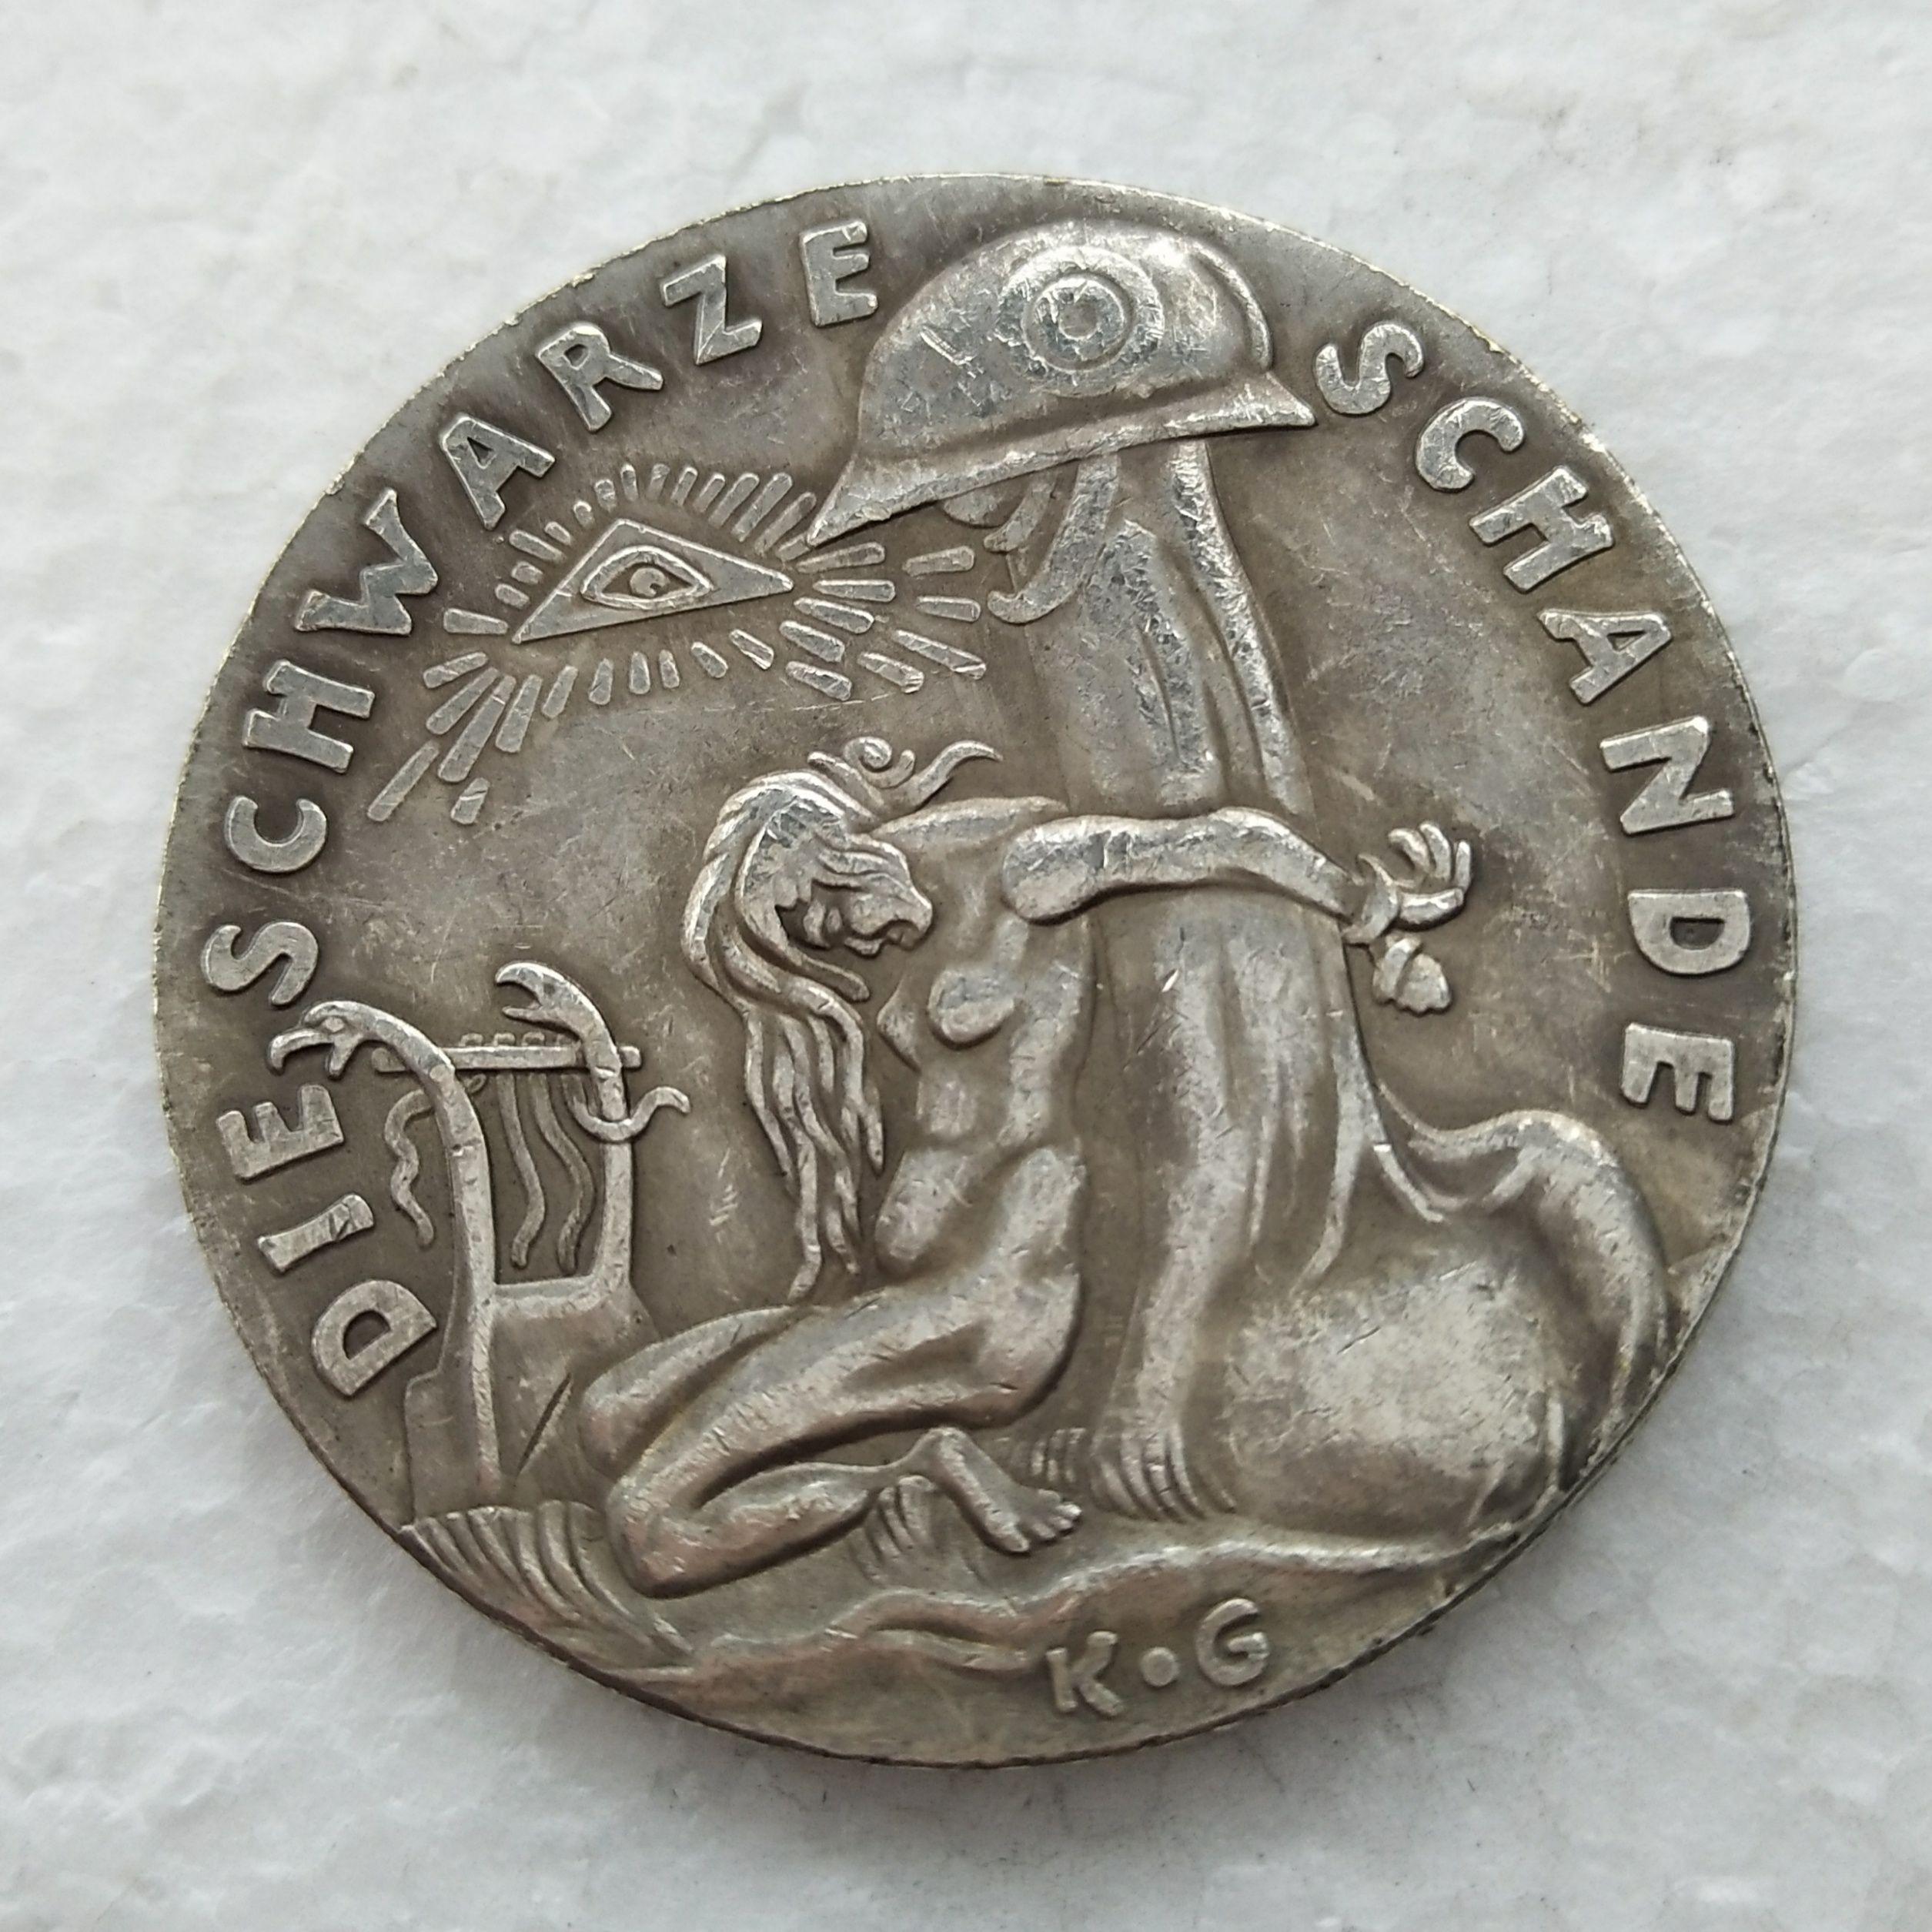 e1d8e15797814 Acquista Germania 1920 Moneta Commemorativa La Medaglia Nera Medaglia  D argento Rara Copia Coin Decorazione Domestica Accessori A  13.07 Dal  Rarecoins ...